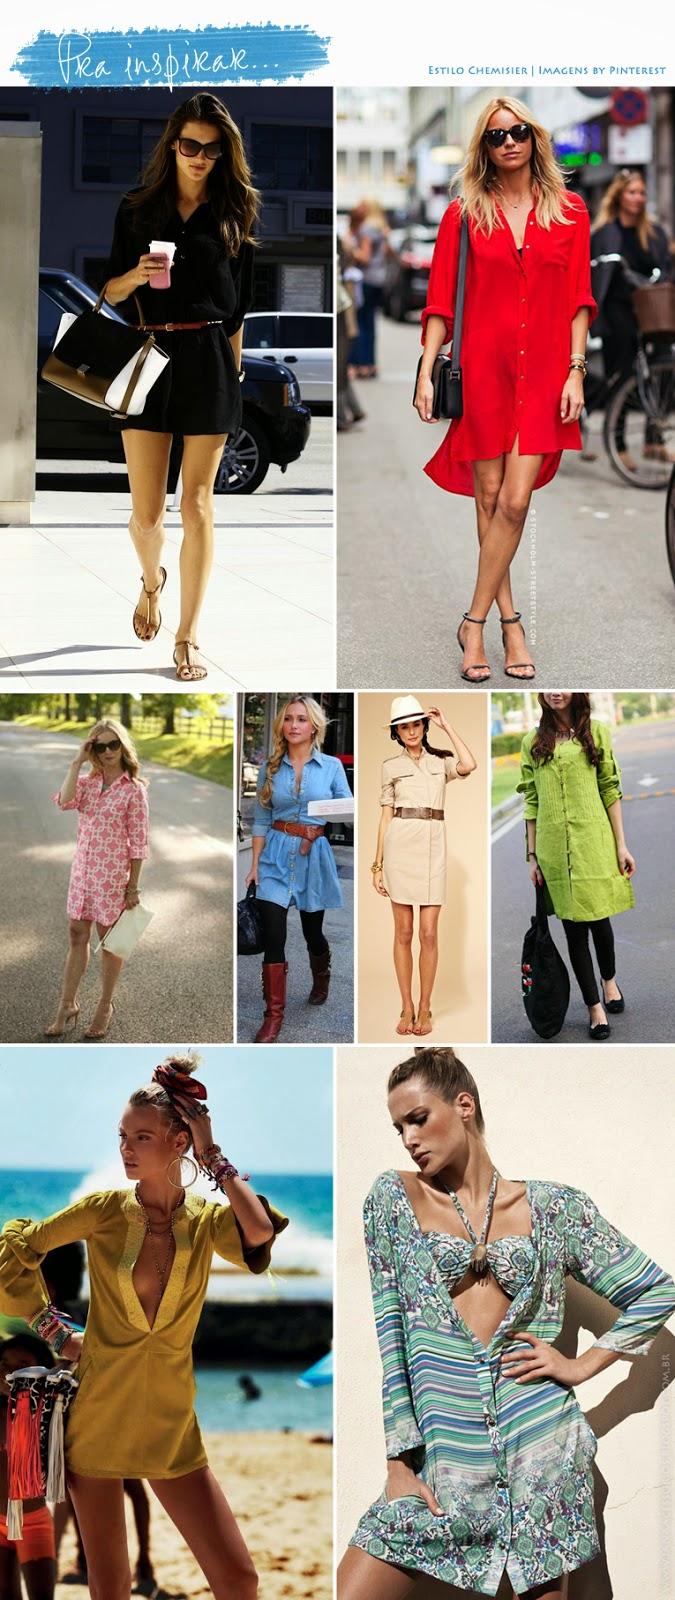 blog da jana, joinville, blogueira, jana, moda, estilo, blogger, chemisier, Look da Jana